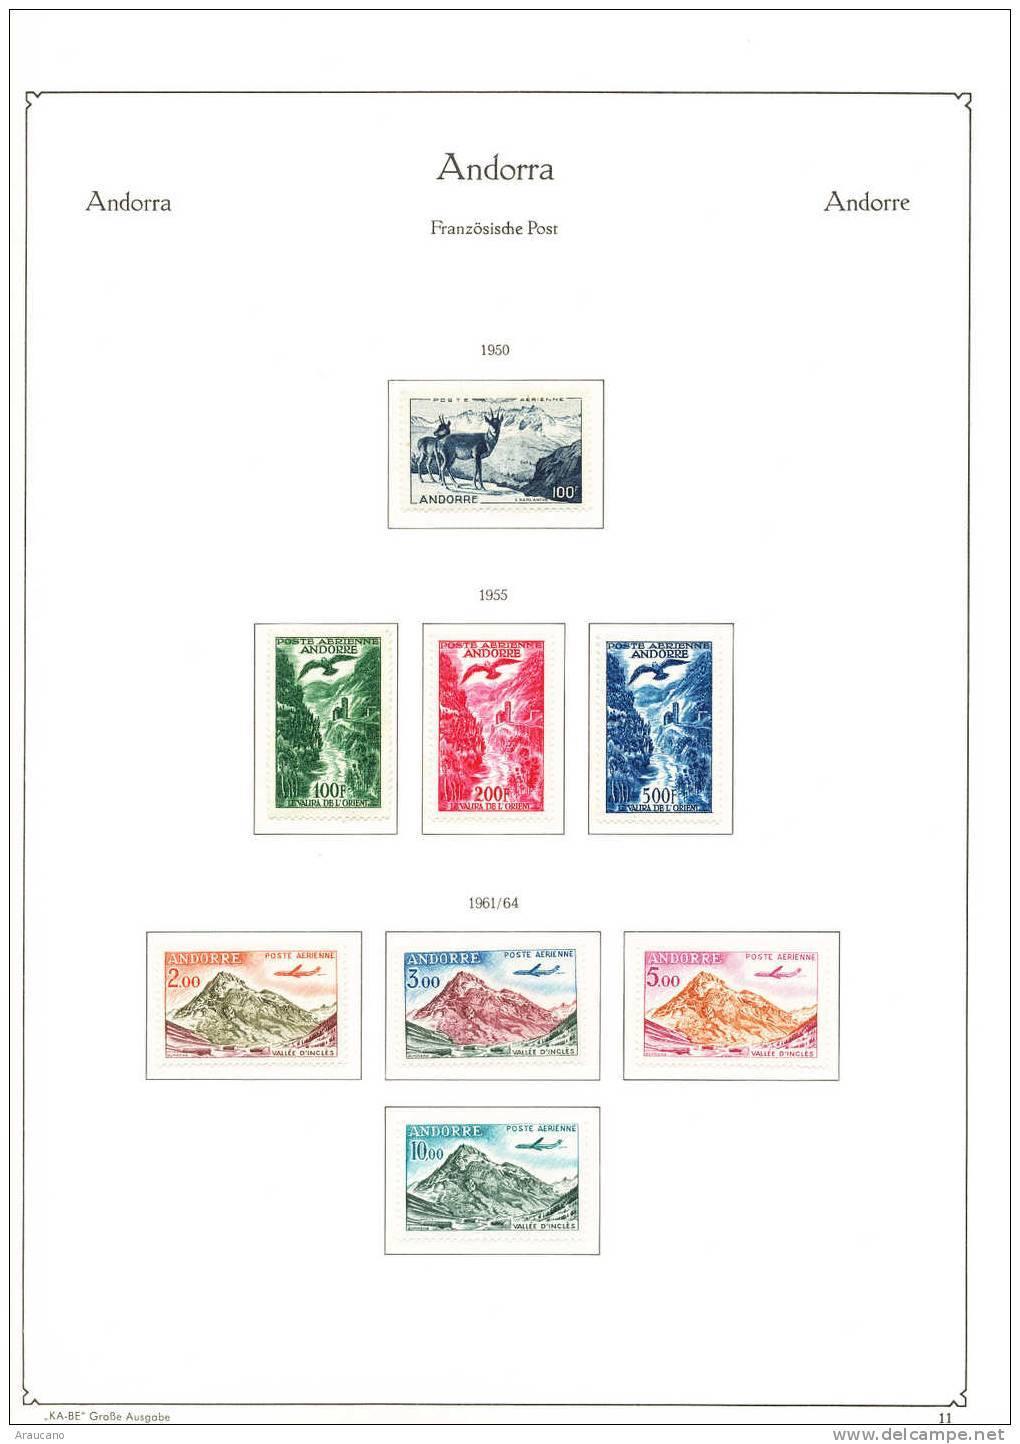 ALBUM  ANDORRA  FRANCESA - DE COLECCIONISTA - OPORTUNIDAD UNICA -1931-2000 - Andorra Francesa